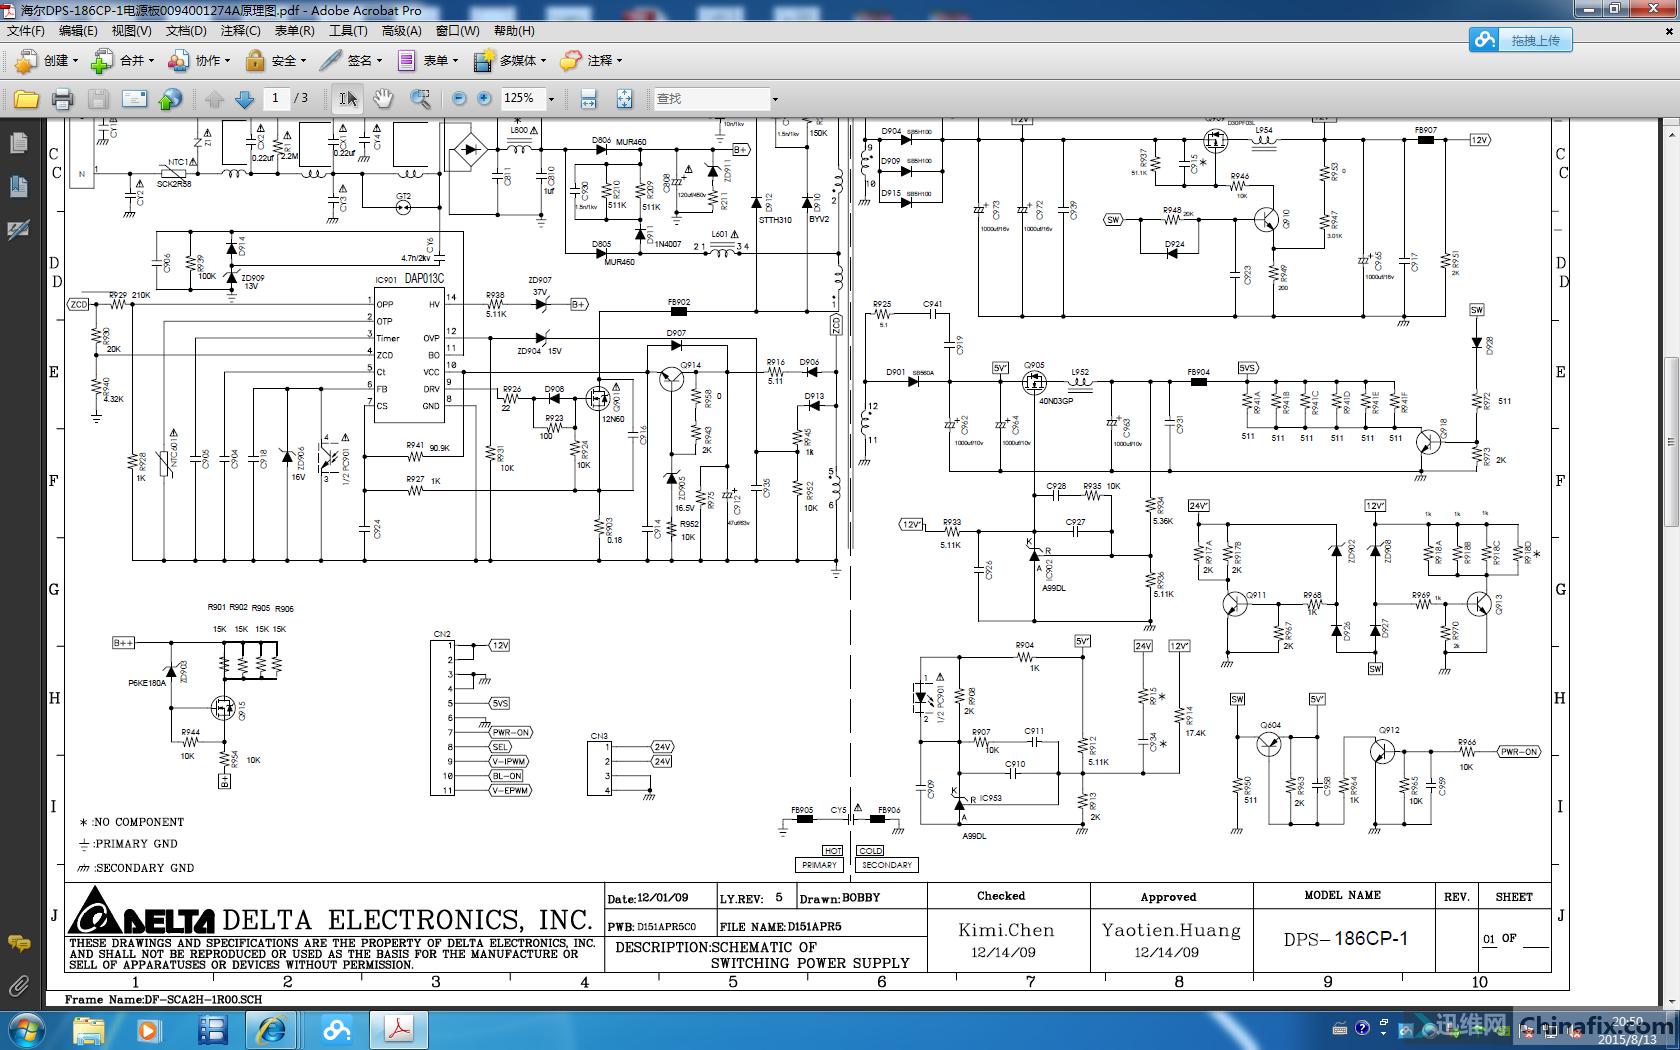 海尔dps-186cp-1电源板0094001274a原理图